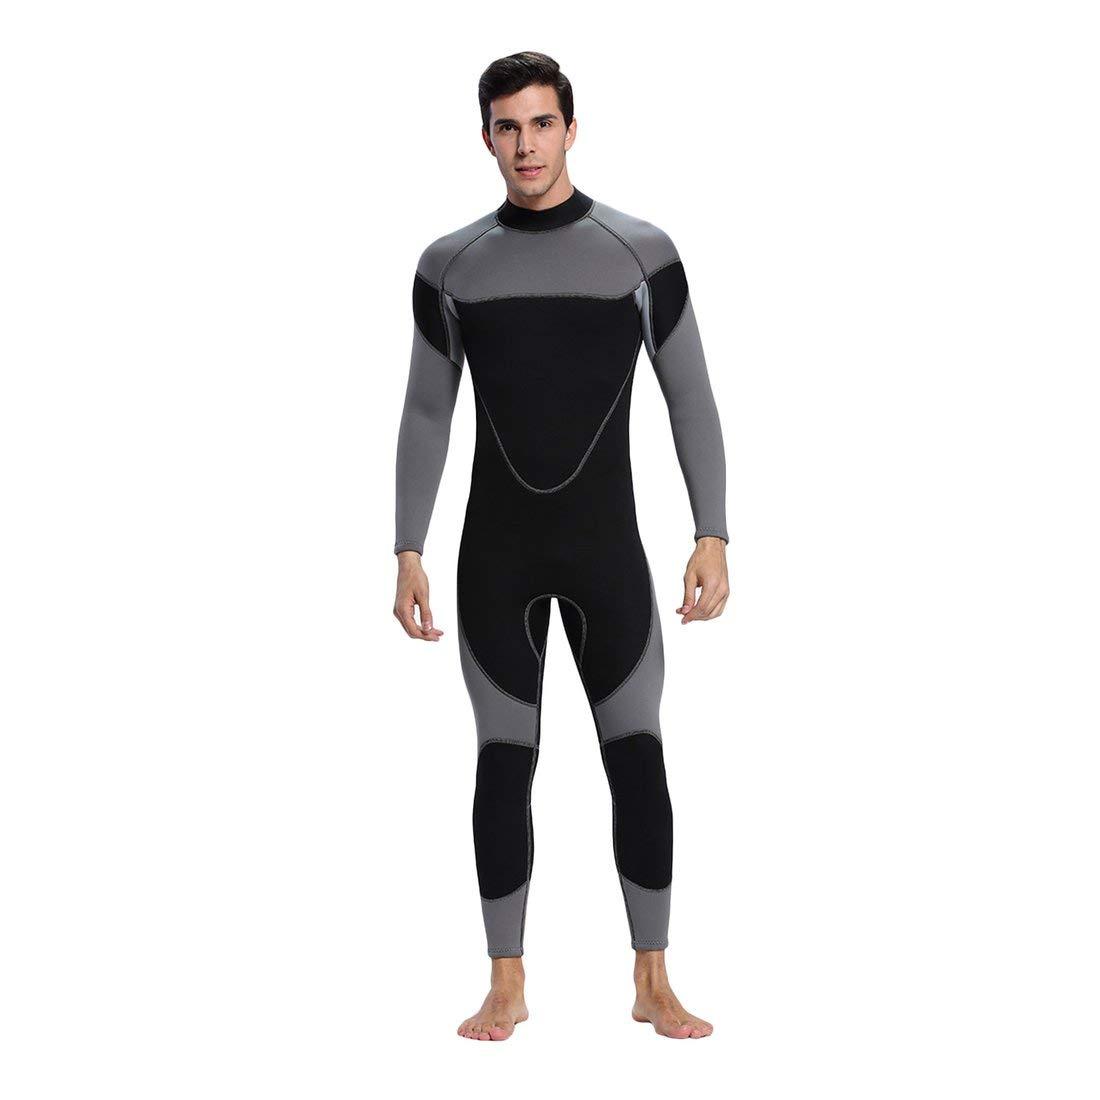 Formulaone Komfortable Keep Warm Neopren Männer Rubber Dive Neoprenanzug Männer Neopren Tauchausrüstung Surf Kleidung Tauchanzug für Männer - schwarz & Grau S 35645c